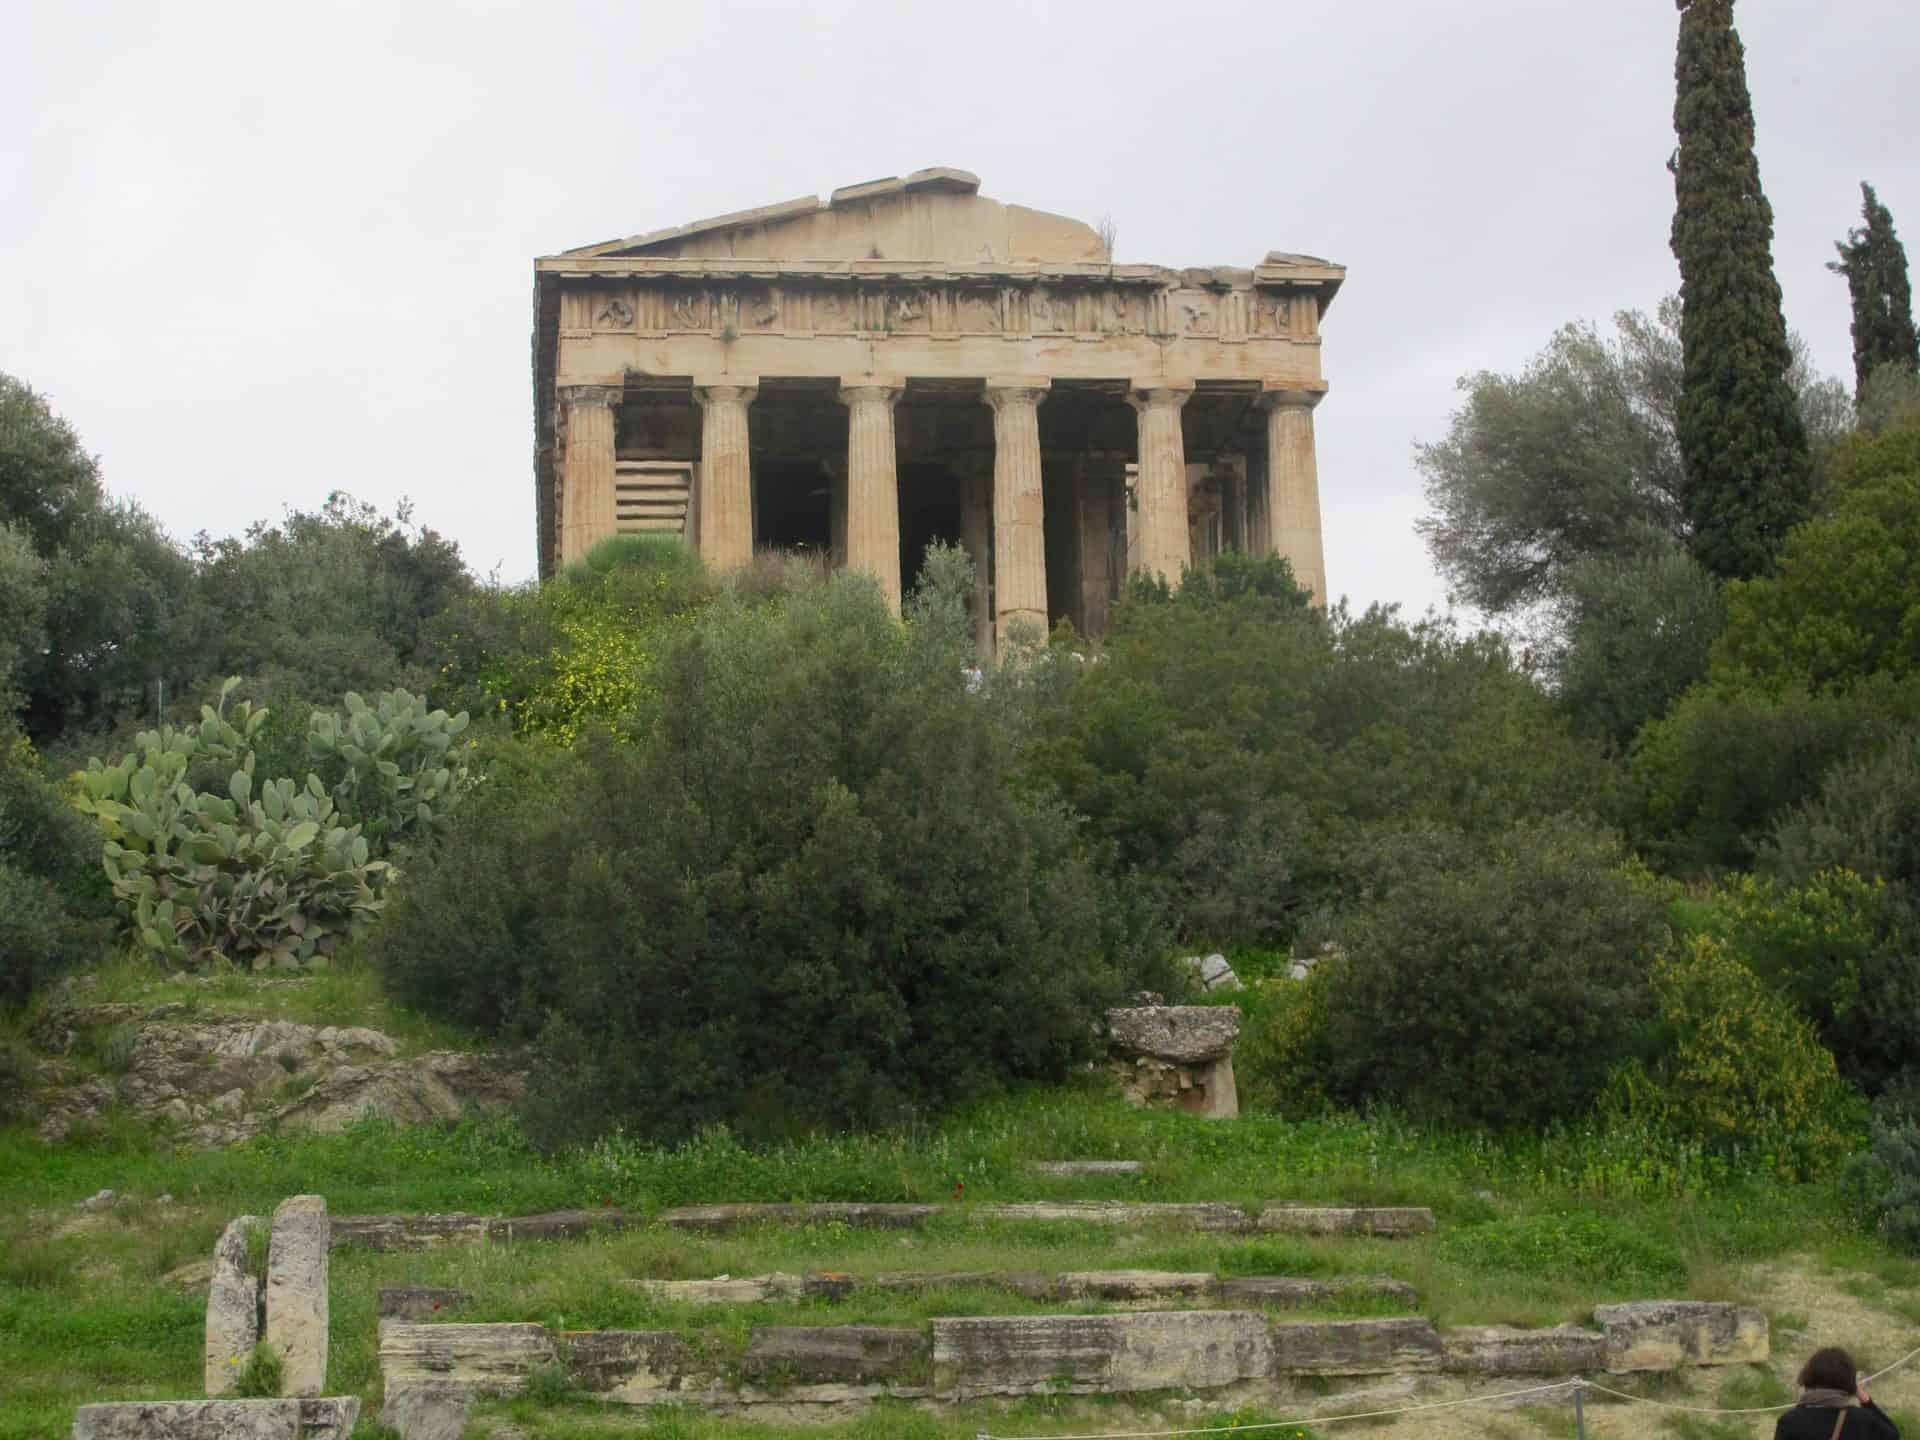 athens_agora3) Stoa of Zeus and the Royal Stoa